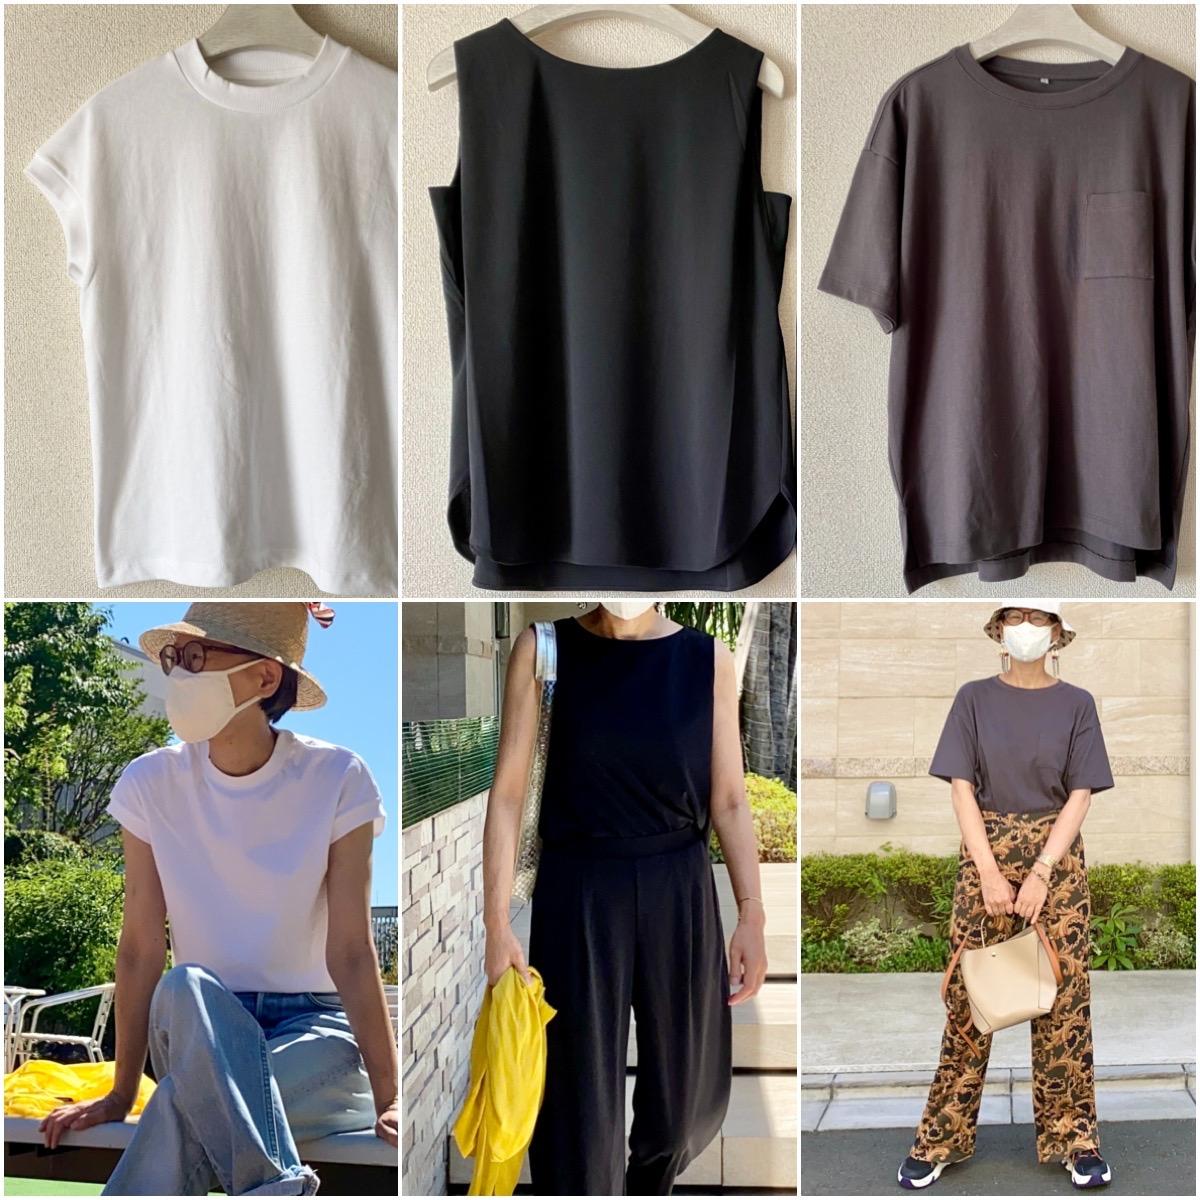 ユニクロ・無印良品・しまむらで買える¥990以下優秀トップスやTシャツ